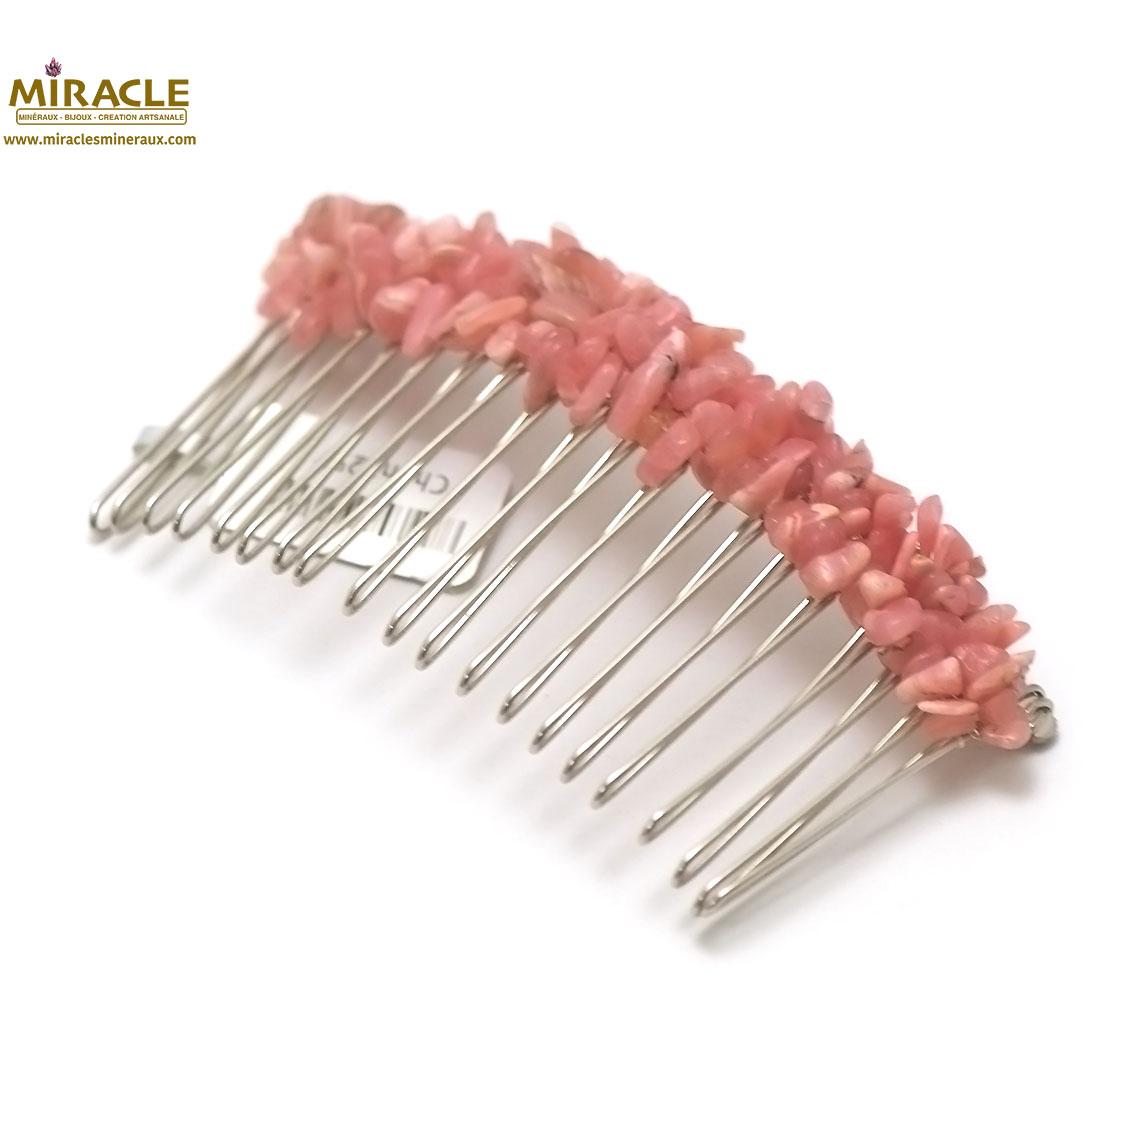 peigne pour cheveux création artisanale,rhodochrosite